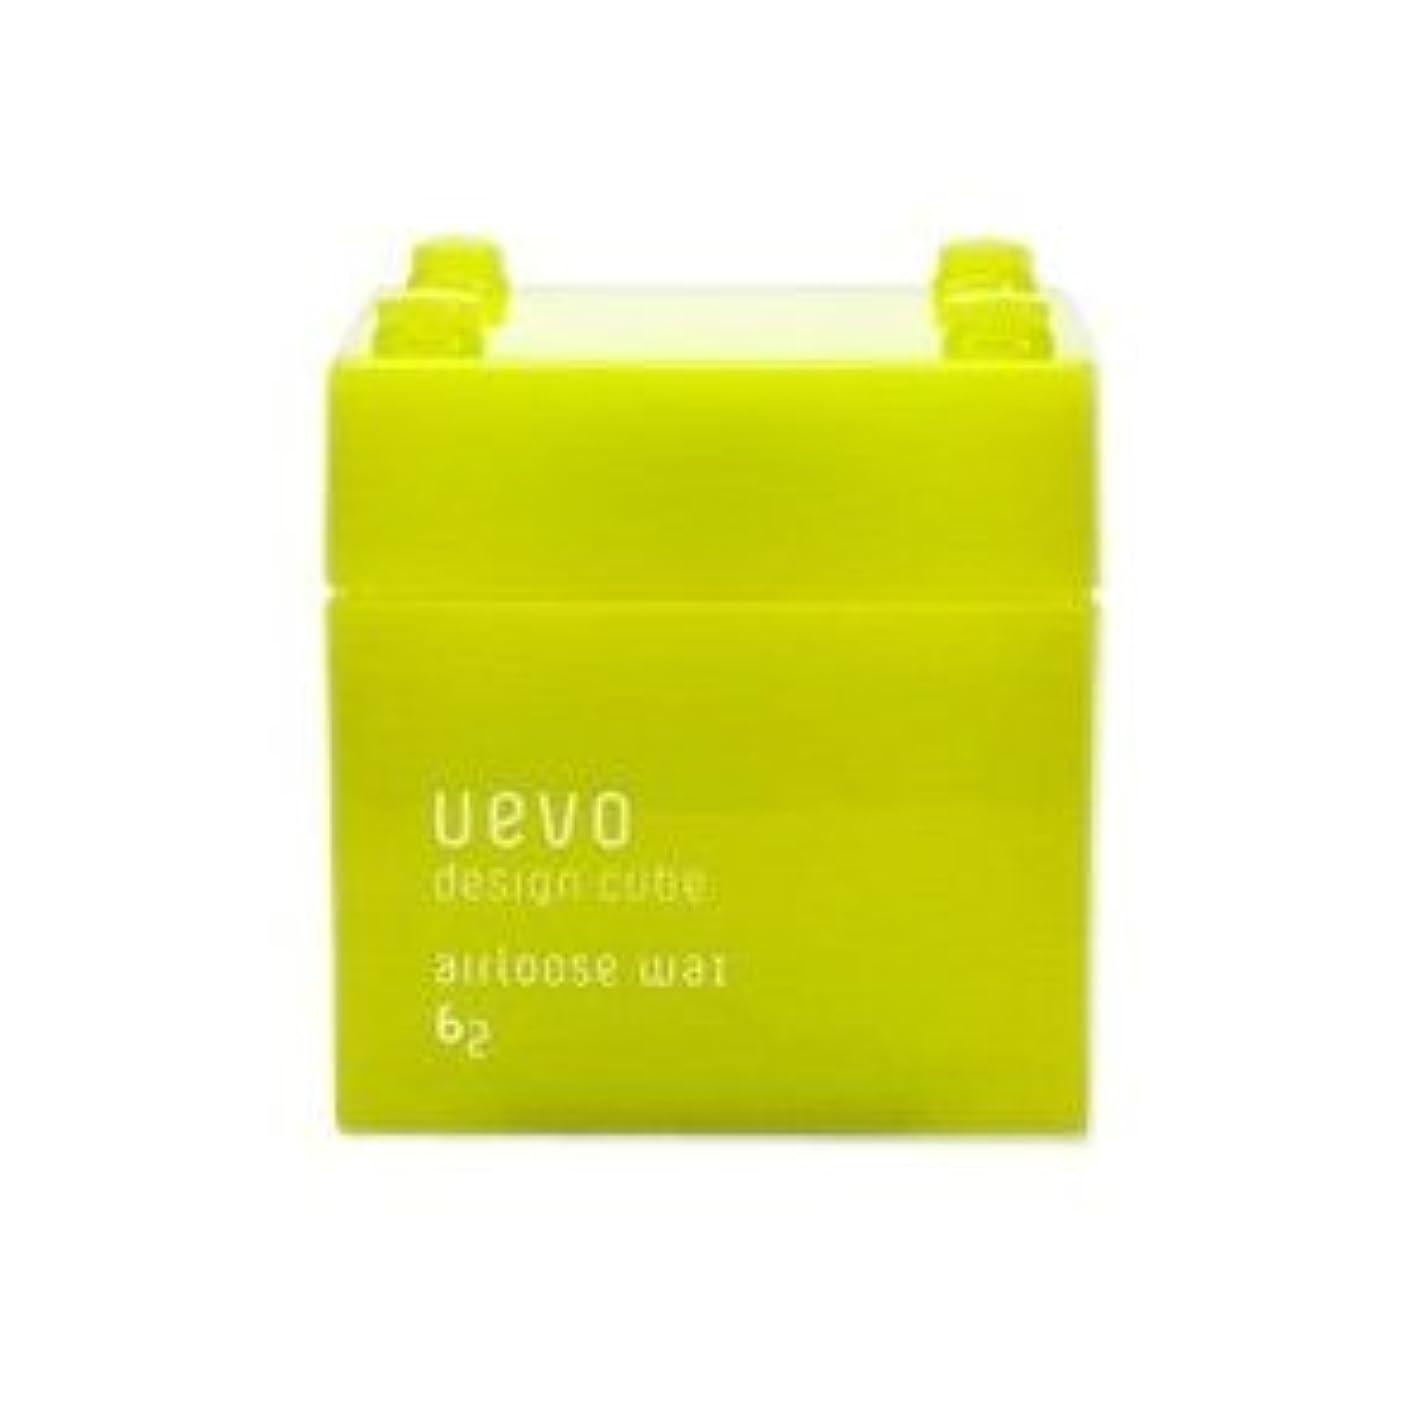 気分が悪いコマンド歯科の【X2個セット】 デミ ウェーボ デザインキューブ エアルーズワックス 80g airloose wax DEMI uevo design cube